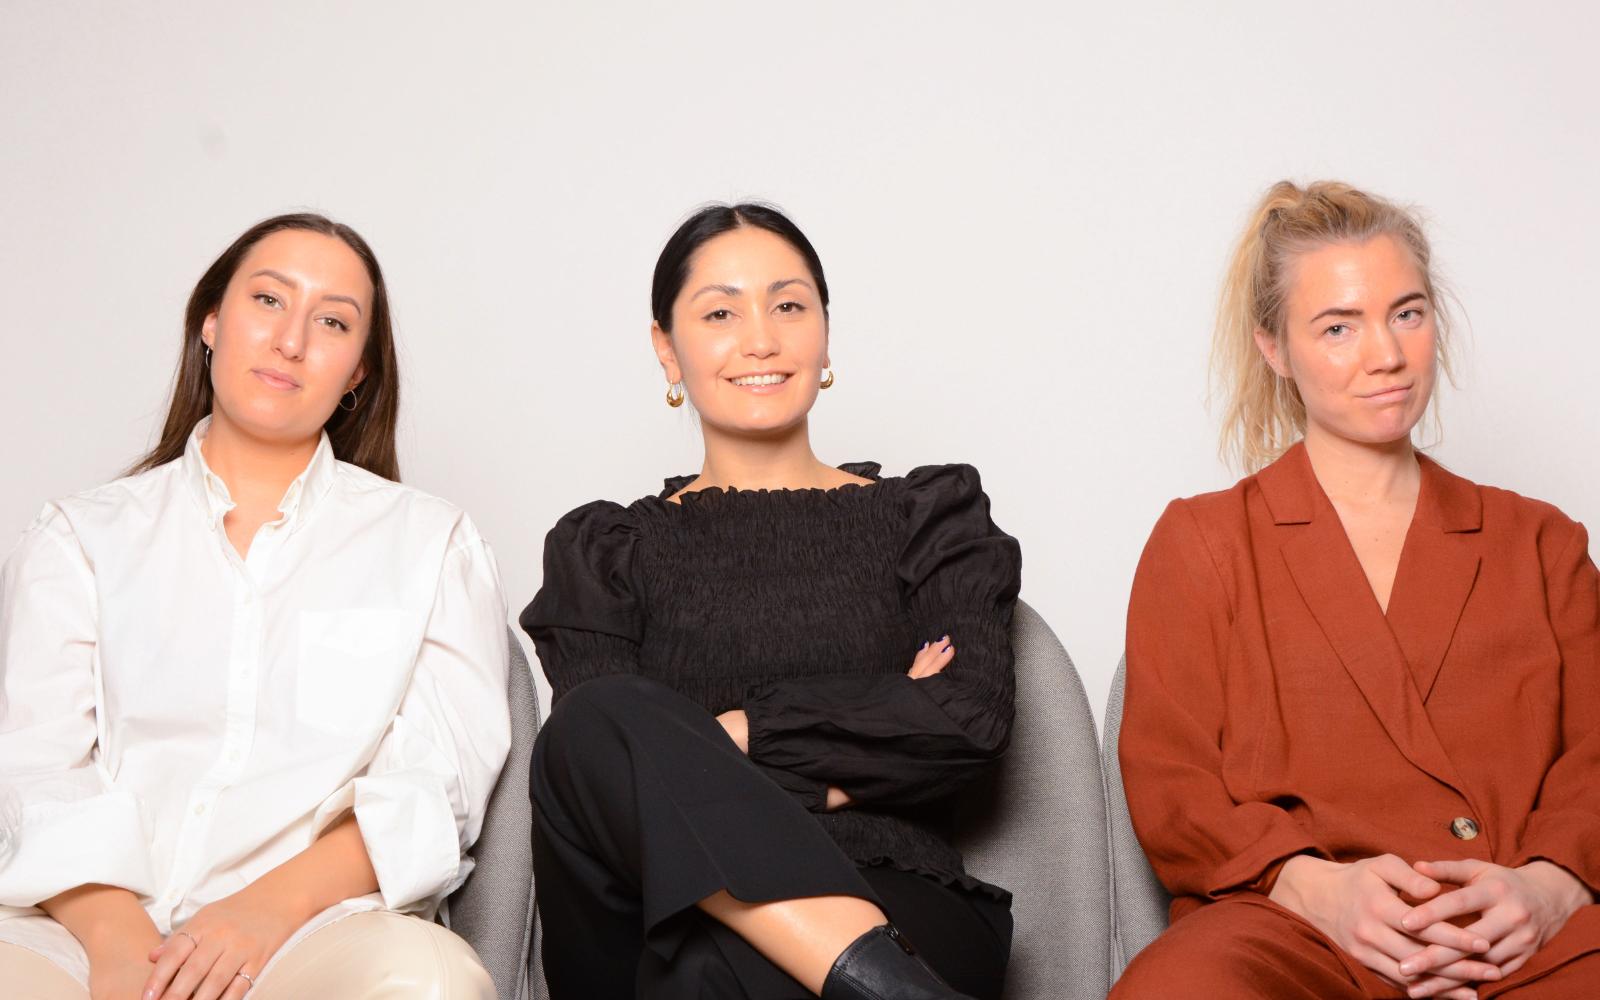 Dalija Ayoubi, Paulina Ugalde Vergara och Julia Ådemo. Foto: Olof Bygren.